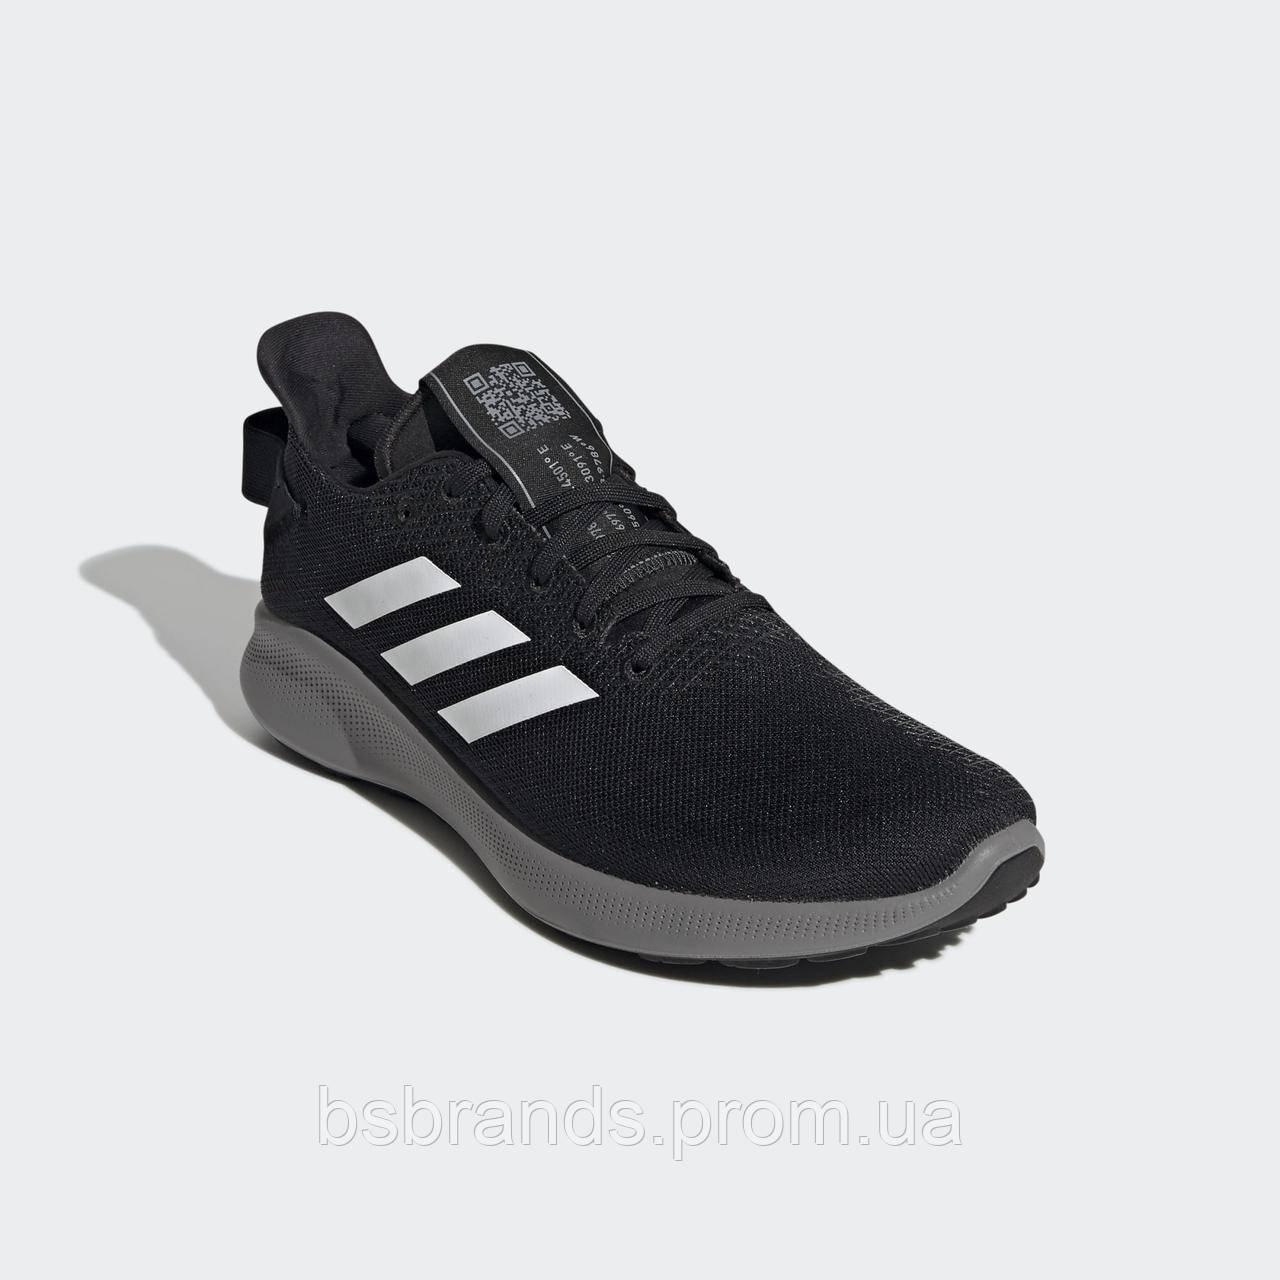 Мужские кроссовки adidas для бега Sensebounce + Street EF0329 (2020/1)